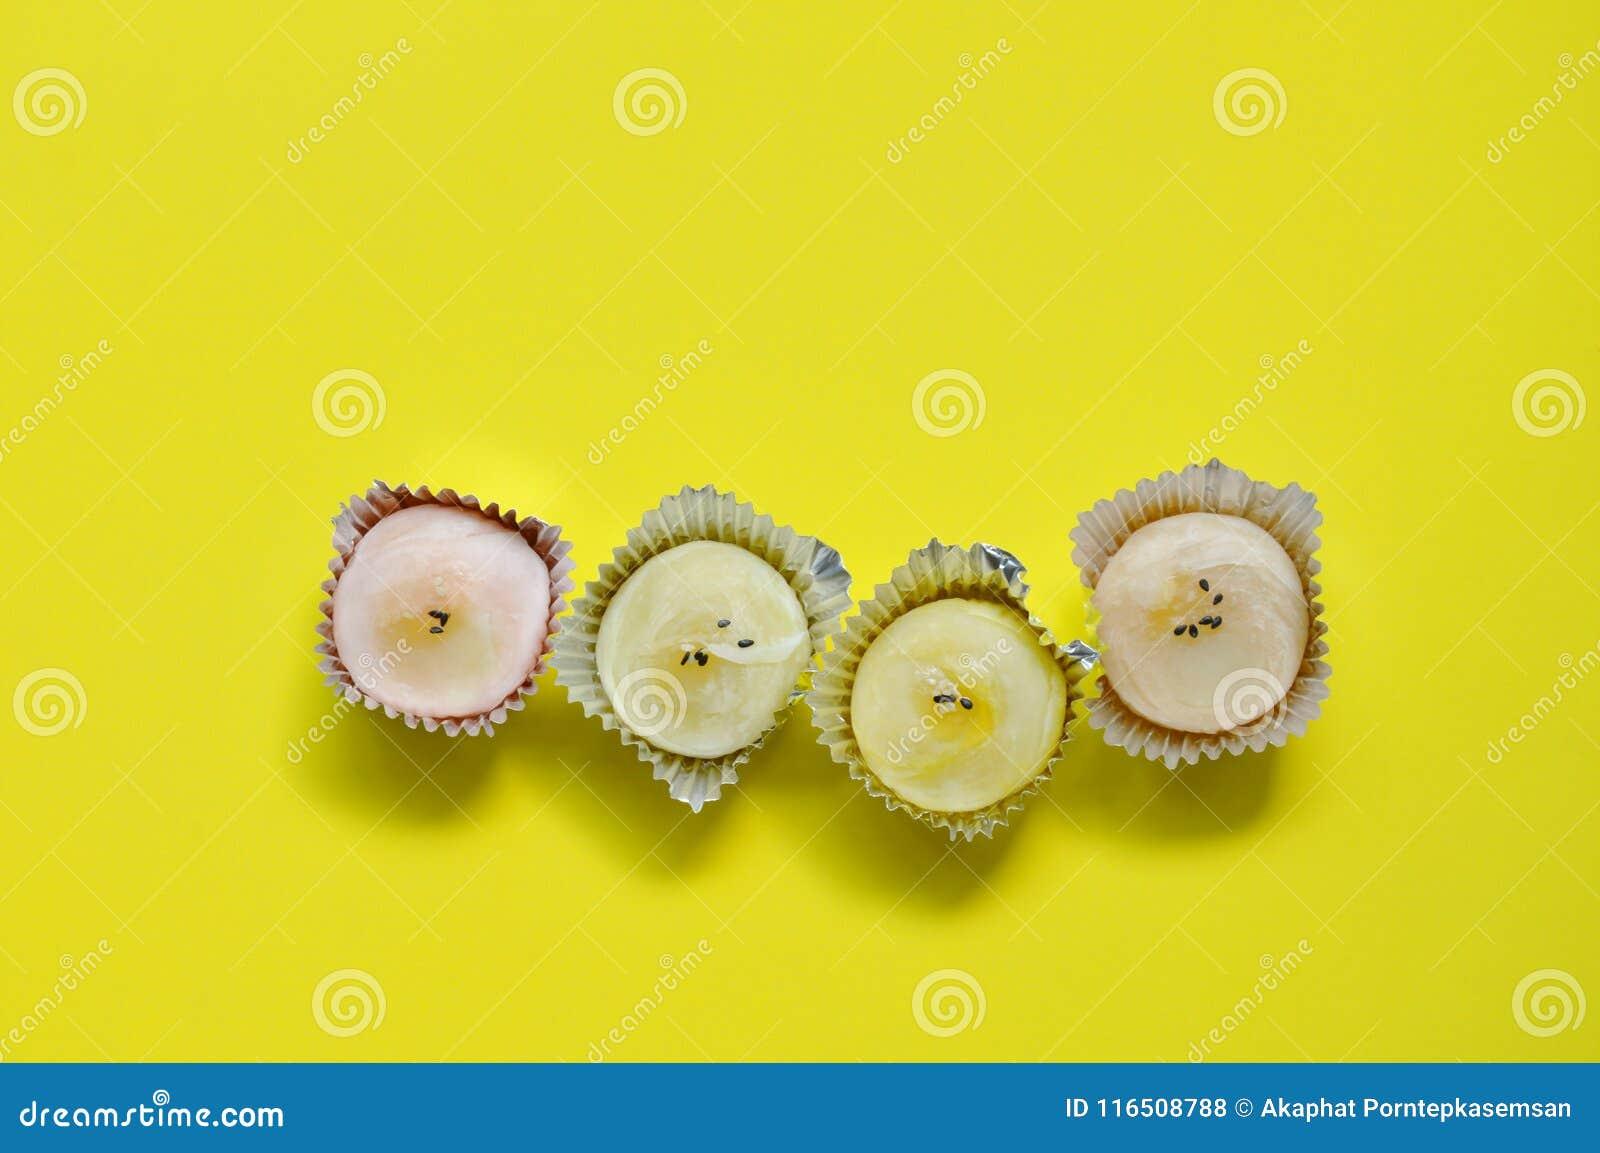 Chińczyka tort faszerujący mashed słodkiej bobowej polewy czarny i biały sezamu w tacy na żółtym tle